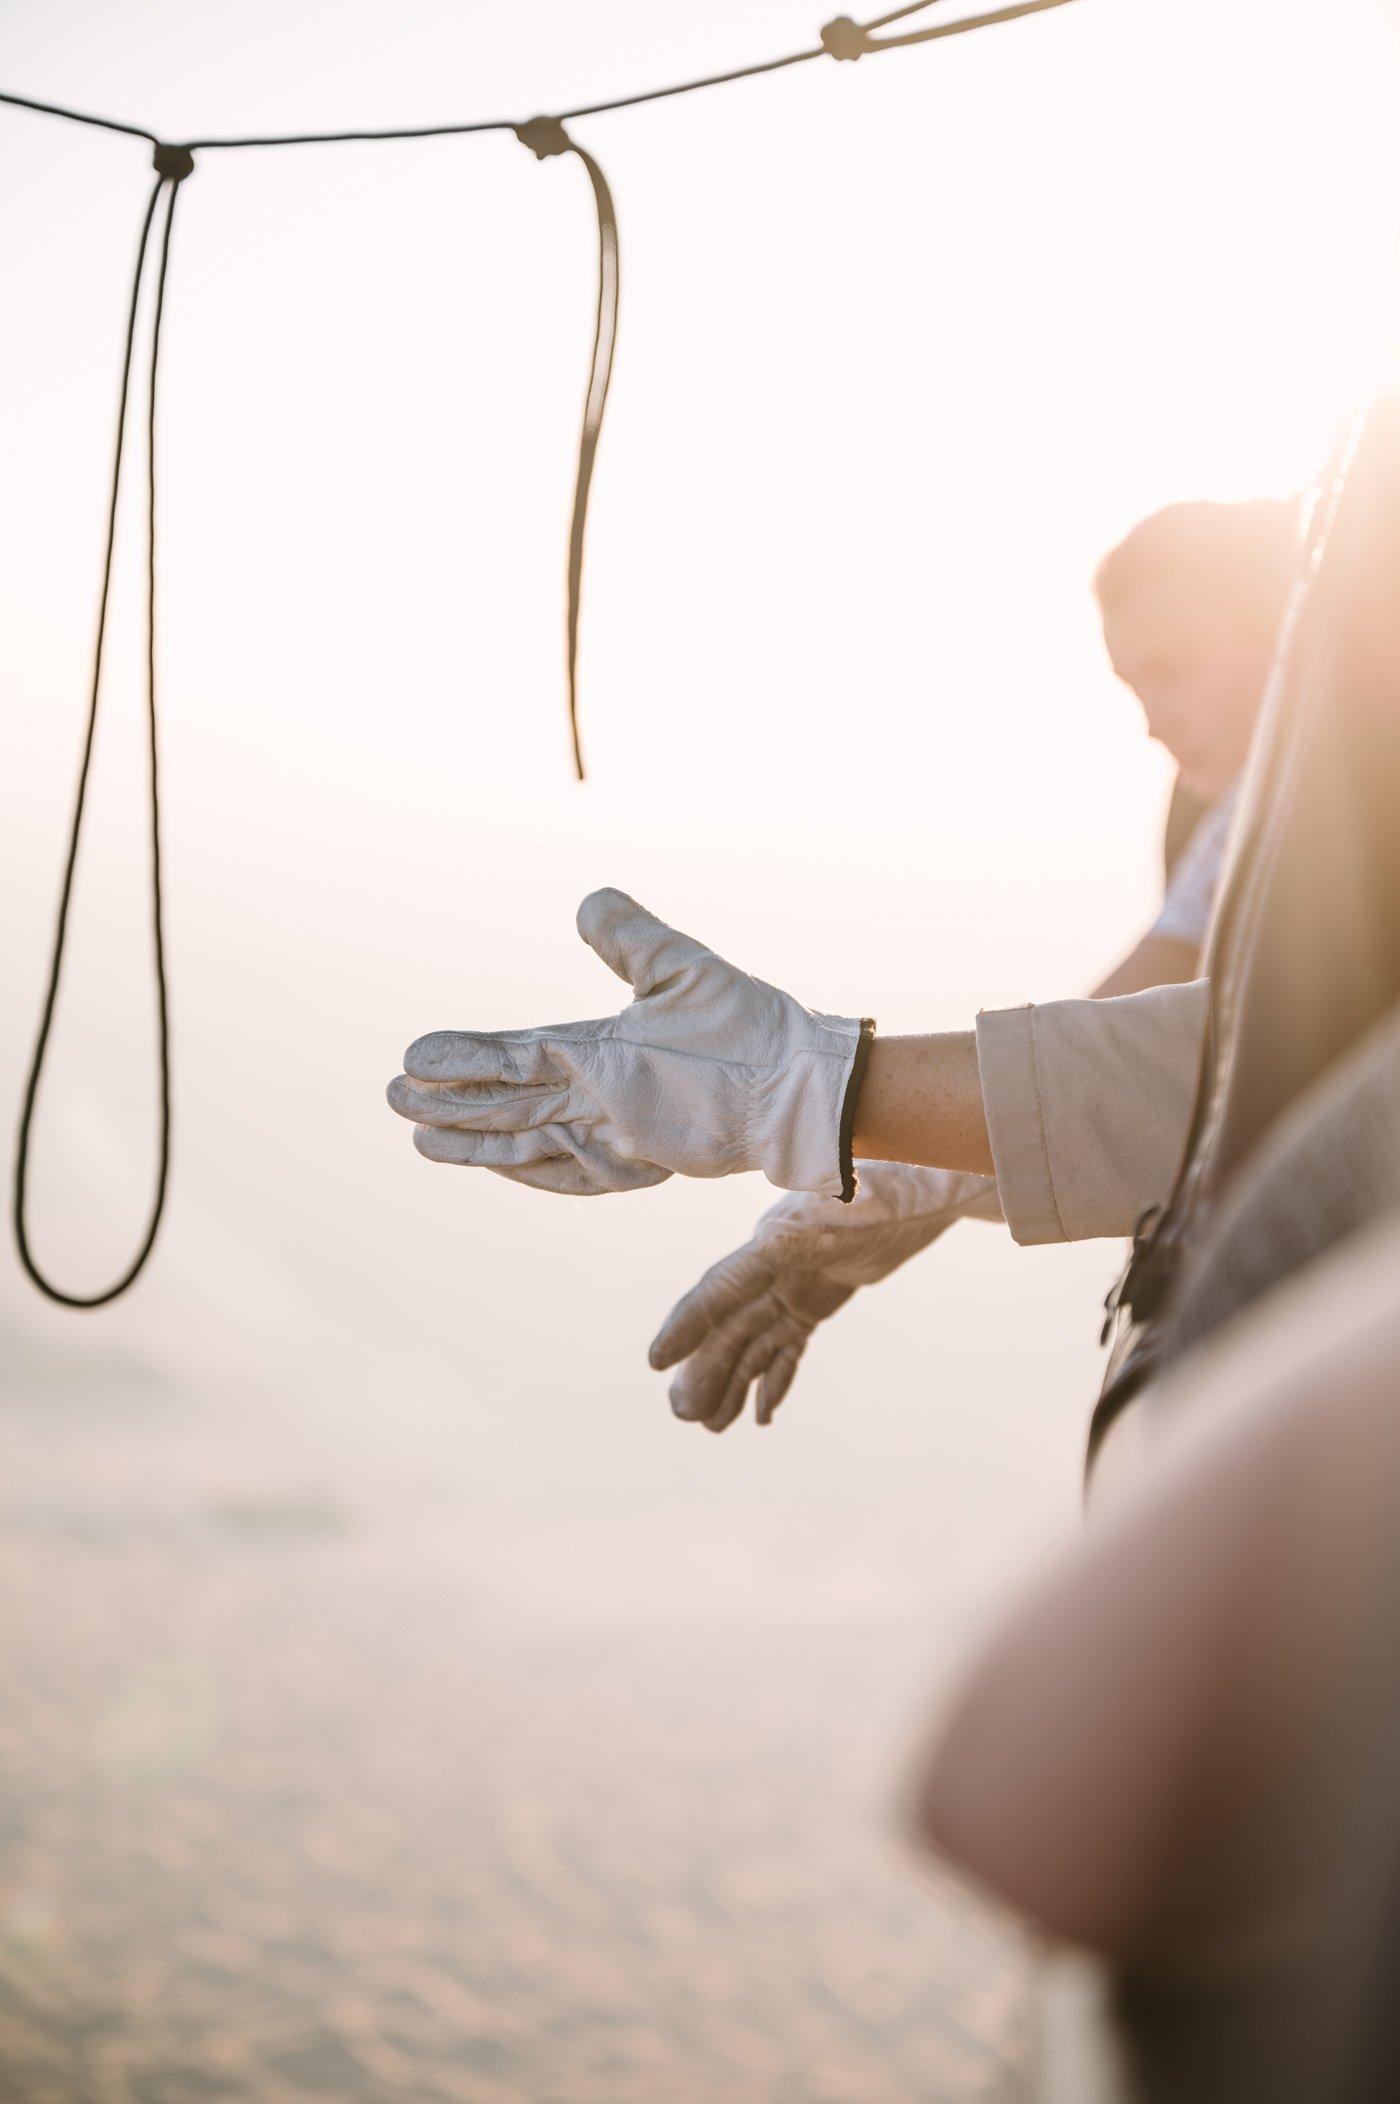 Hot air balloon ride in Dubai